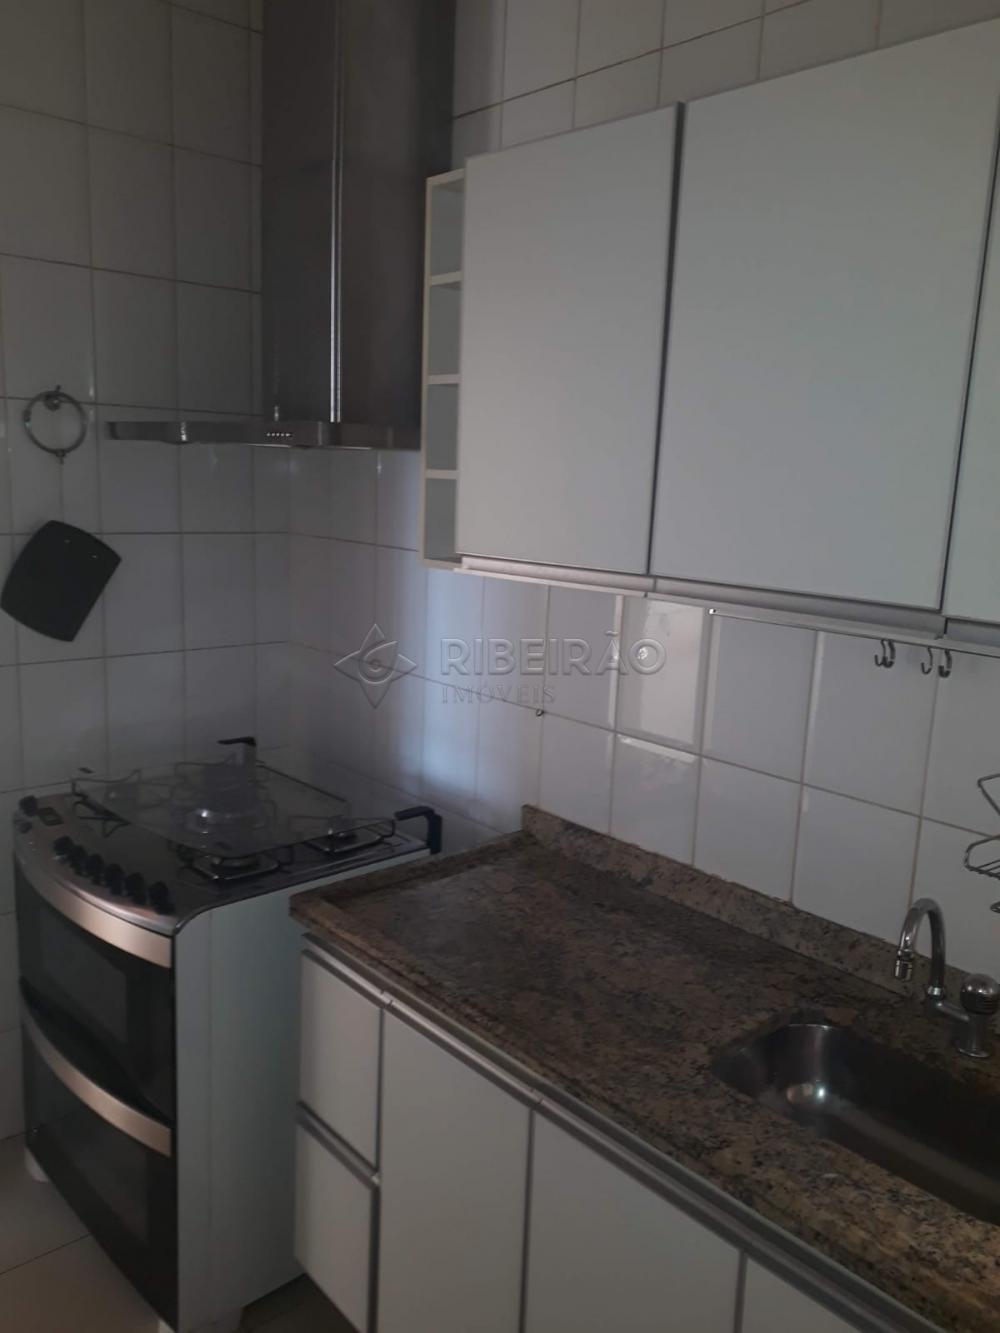 Comprar Apartamento / Padrão em Ribeirão Preto apenas R$ 600.000,00 - Foto 34